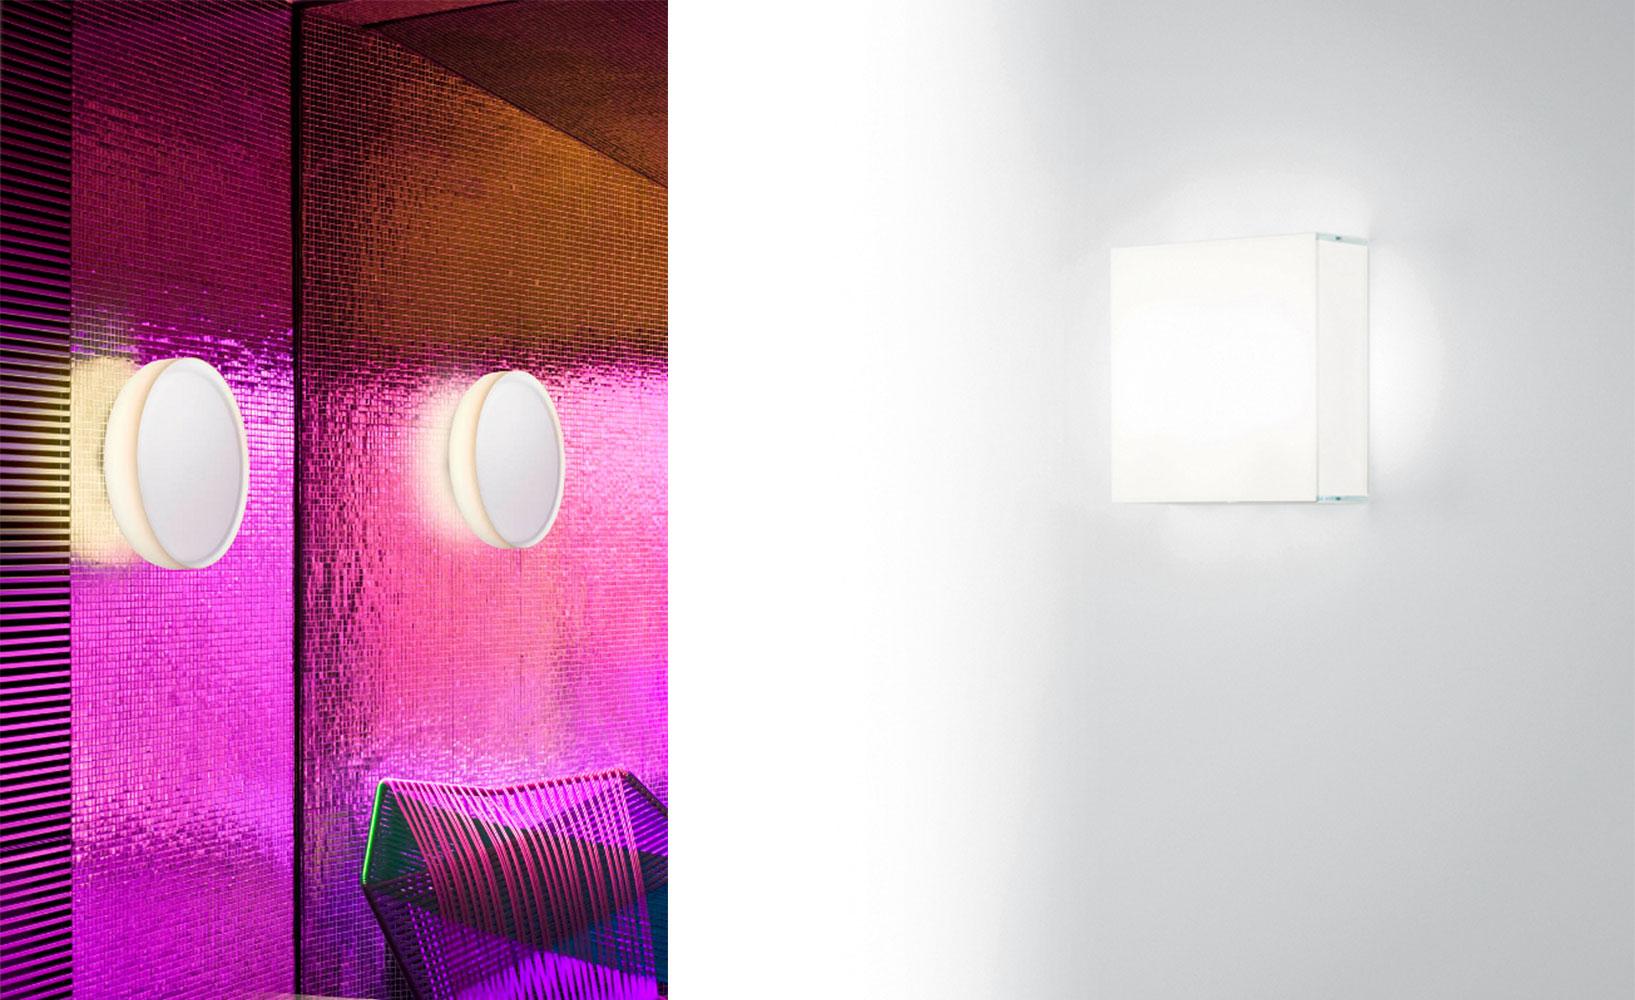 Delightful Einfache Dekoration Und Mobel Atmosphaerisch Indirekte Beleuchtung #11: Indirekte Beleuchtung